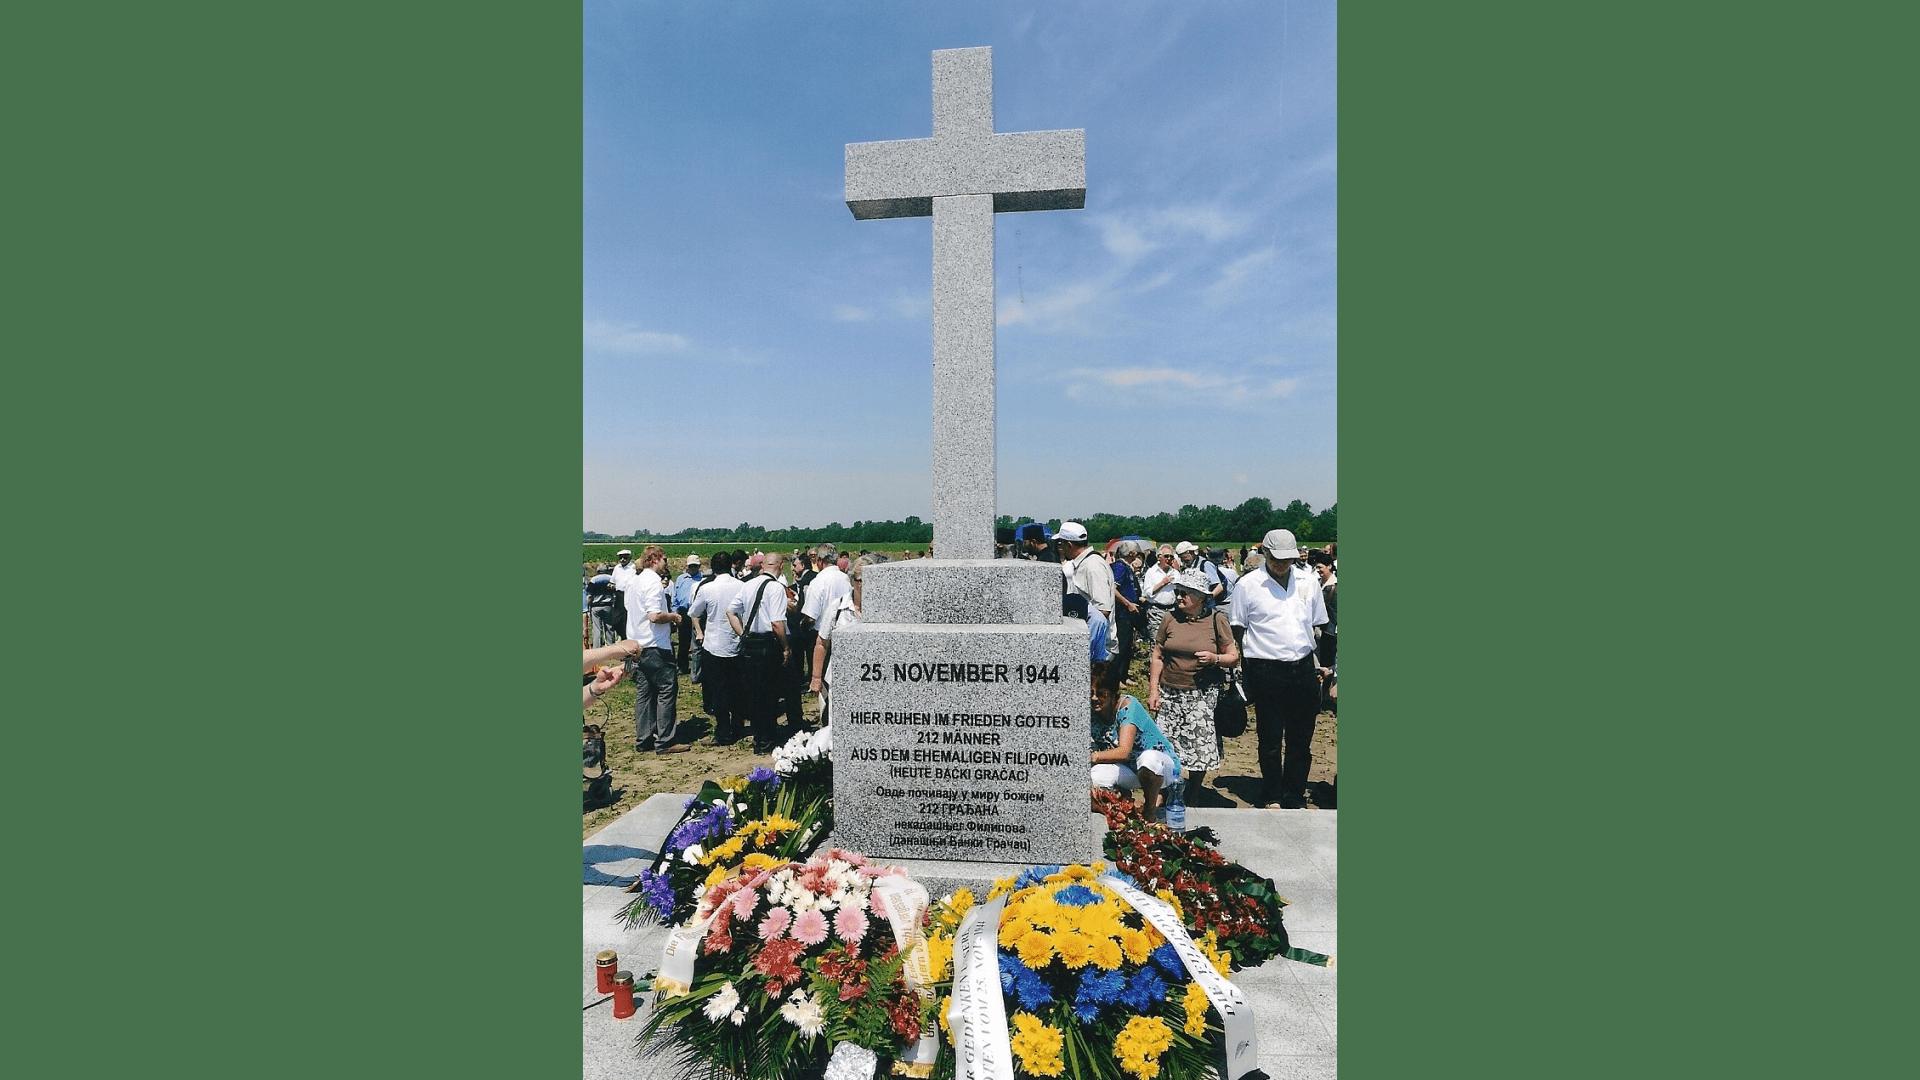 Das Denkmal am Tag der Einweihung. Foto: Archiv Freundeskreis Filipowa